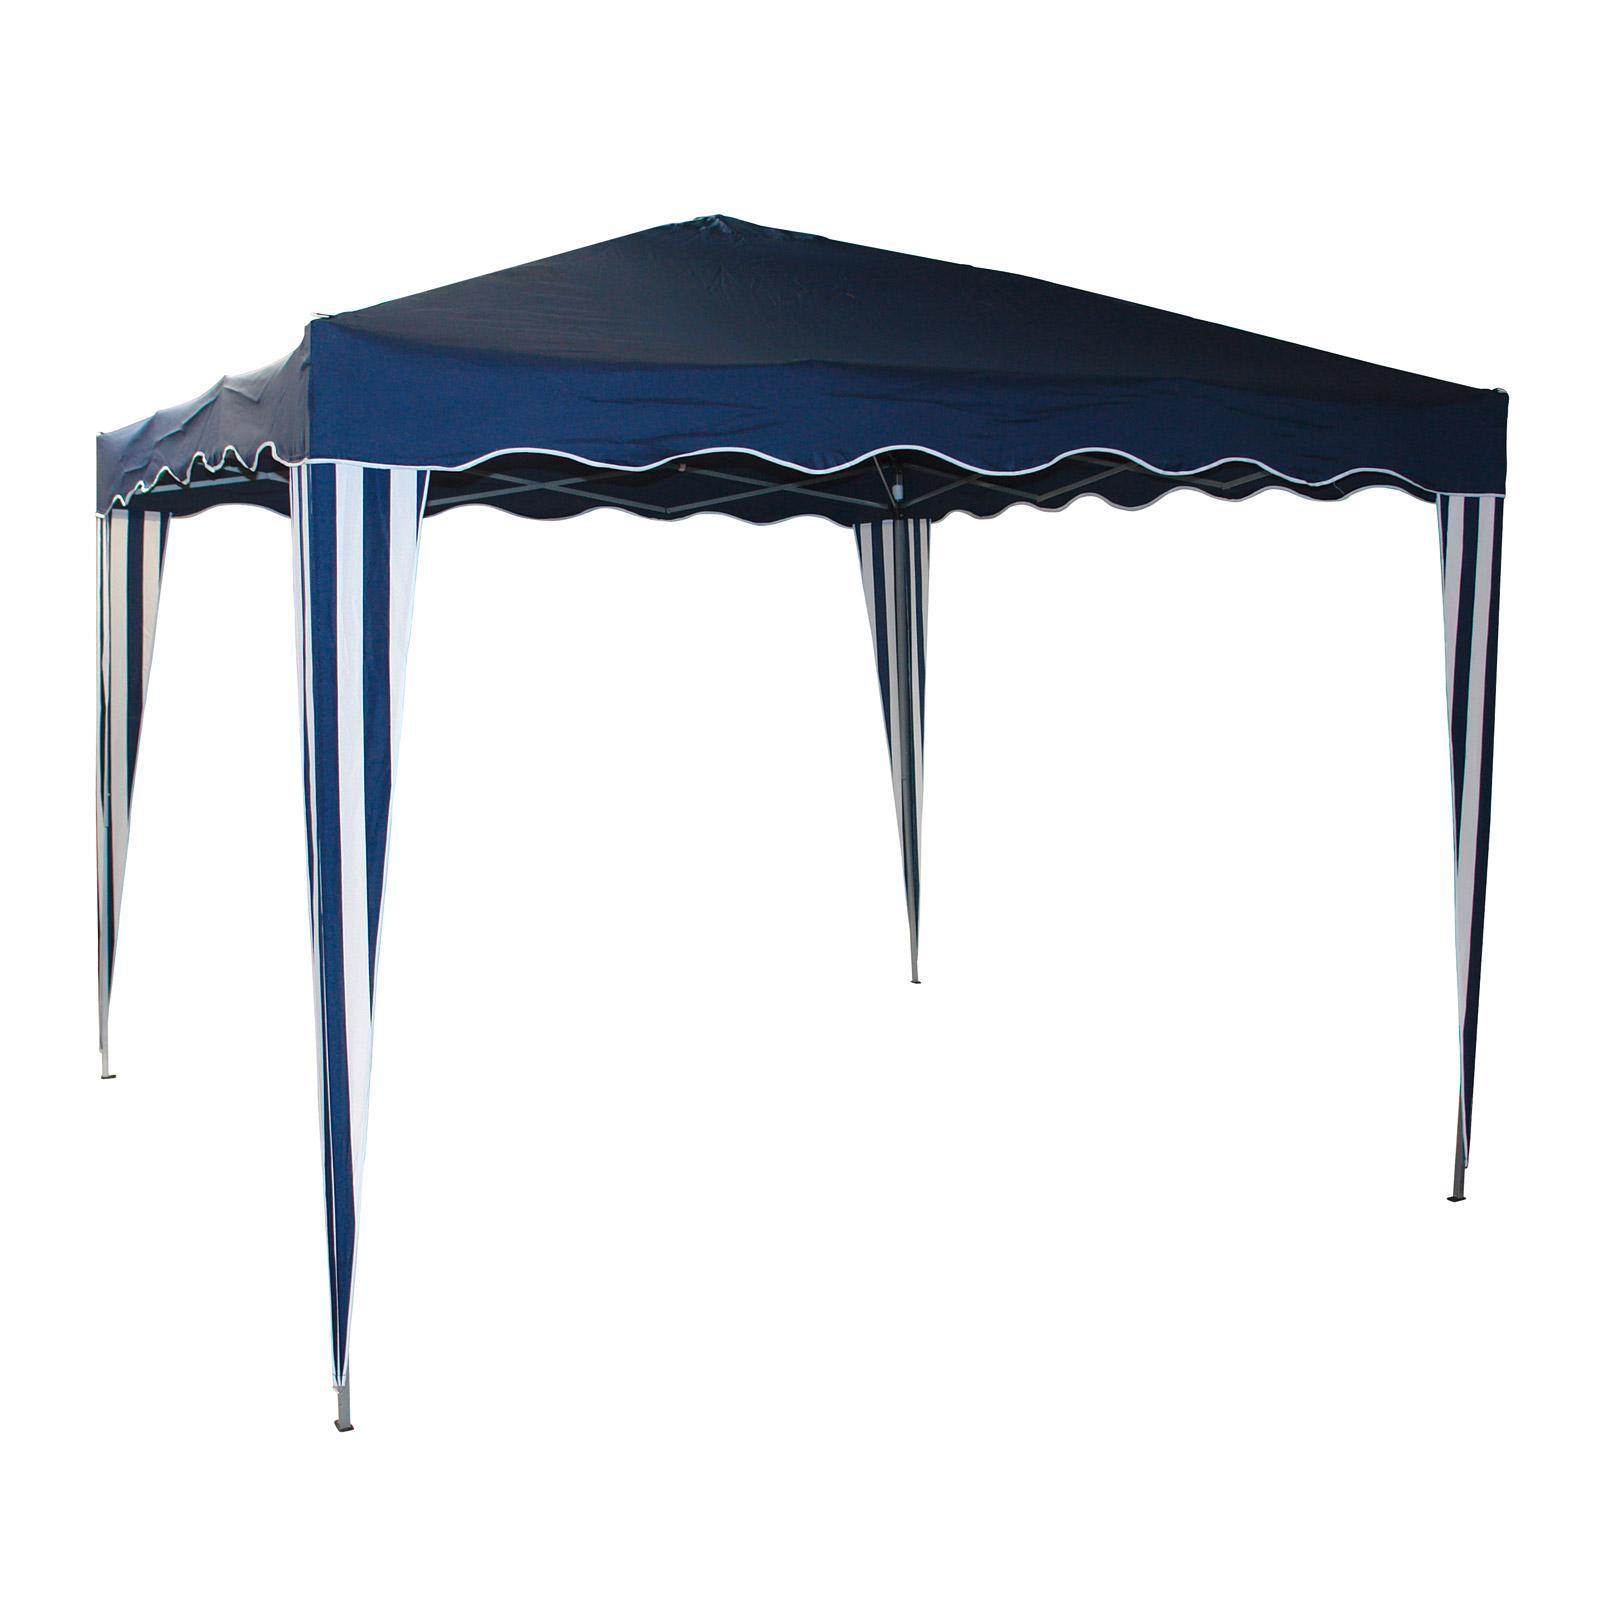 Dema Pavillion Gartenpavillon Faltpavillon Alu/Metall 3x3m blau 41047